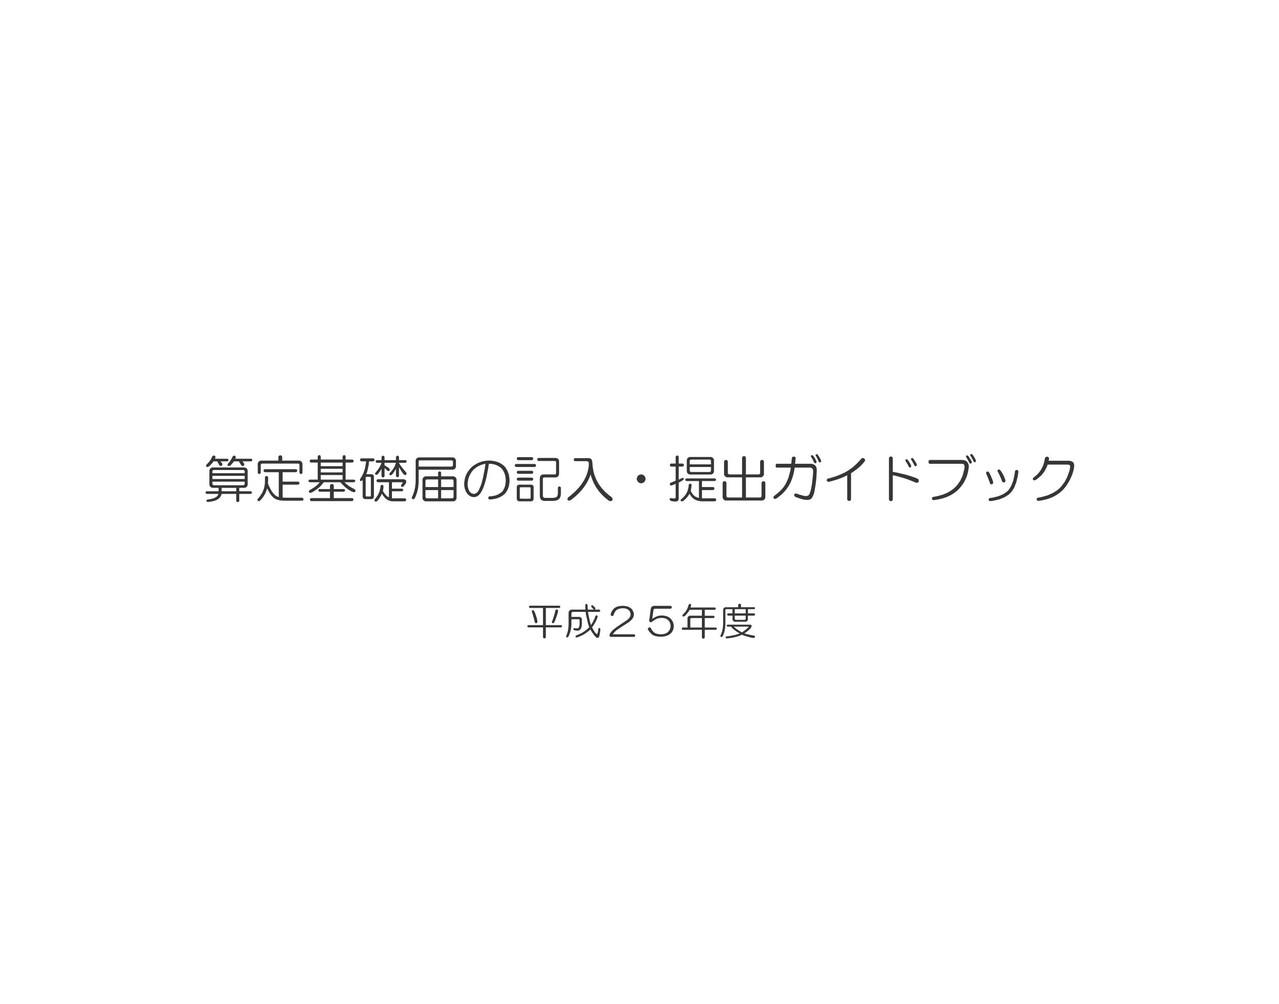 日本年金機構 算定基礎届